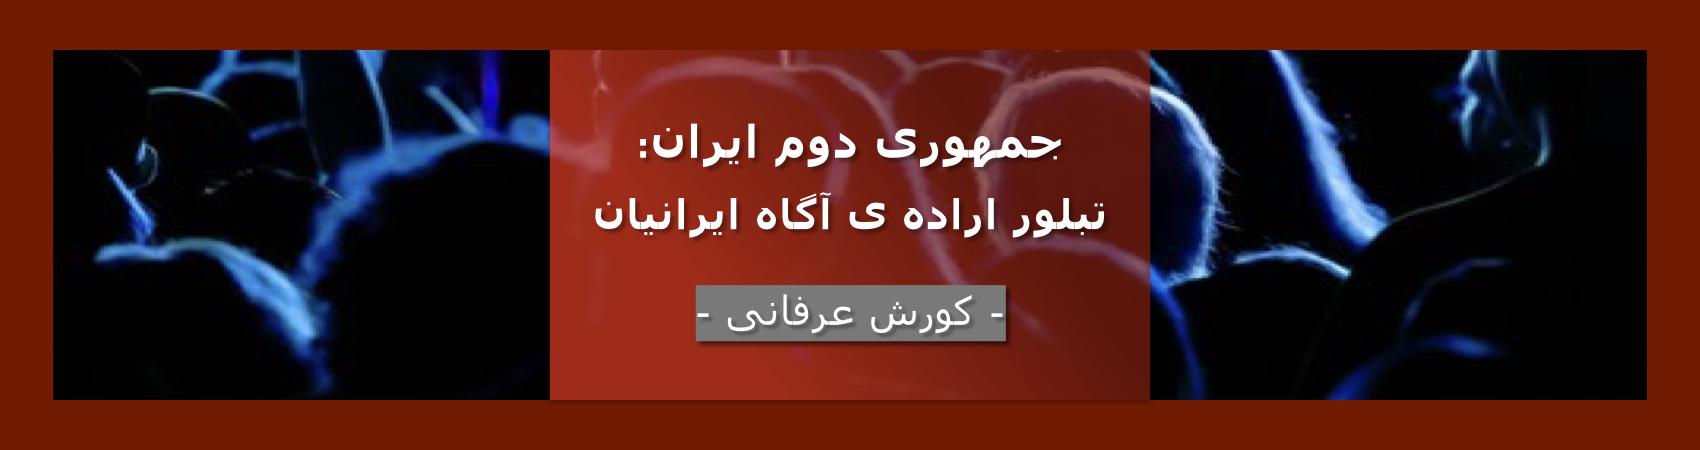 جمهوری دوم ایران: تبلوراراده ی آگاه ایرانیان